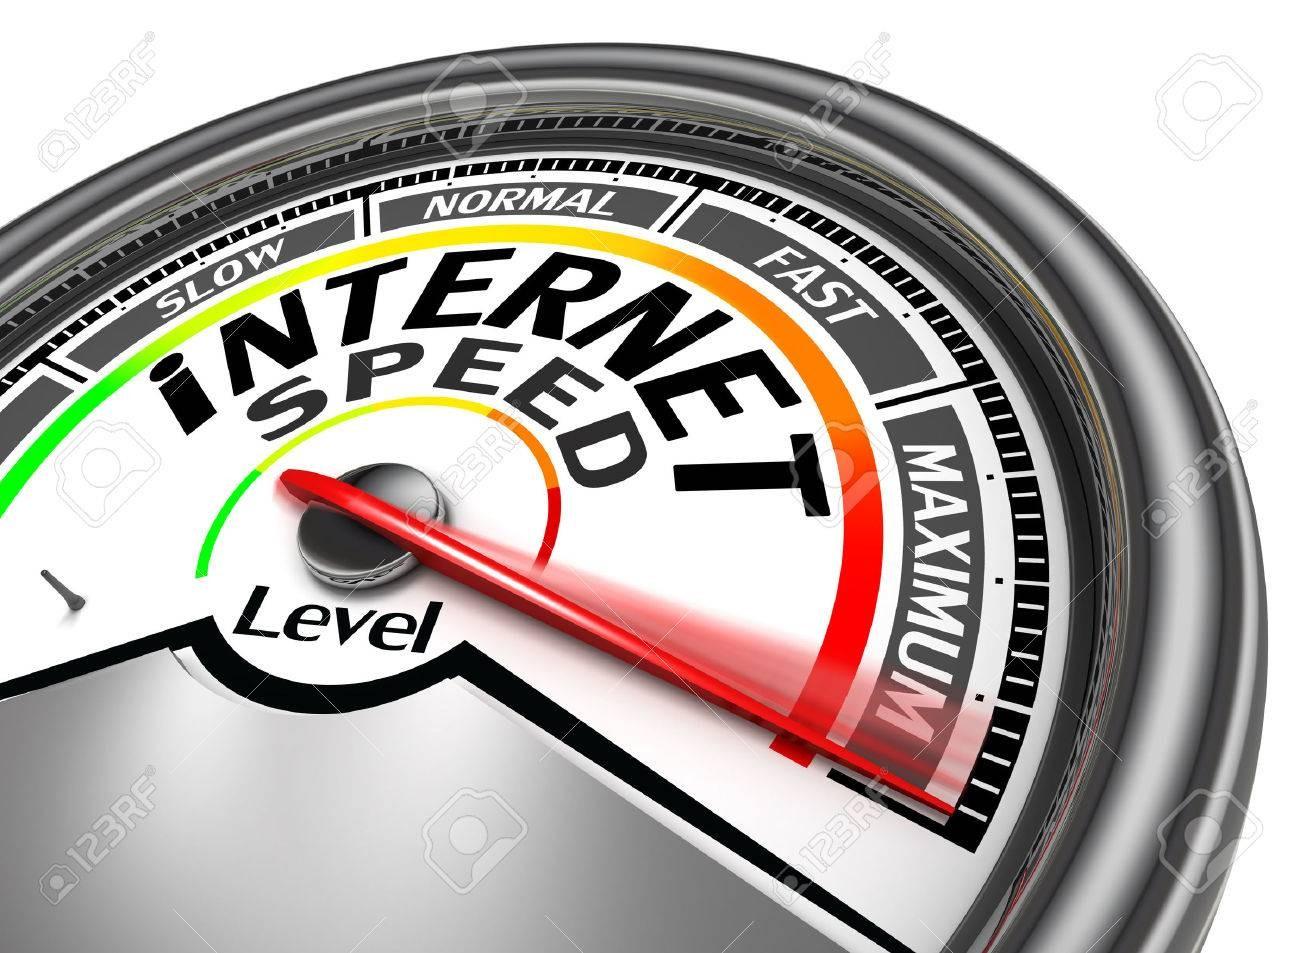 विश्वकै तीव्र गतिको इन्टरनेट : नेटफिल्क्सको सबै कुरा एकै सेकेन्डमा डाउनलोड !